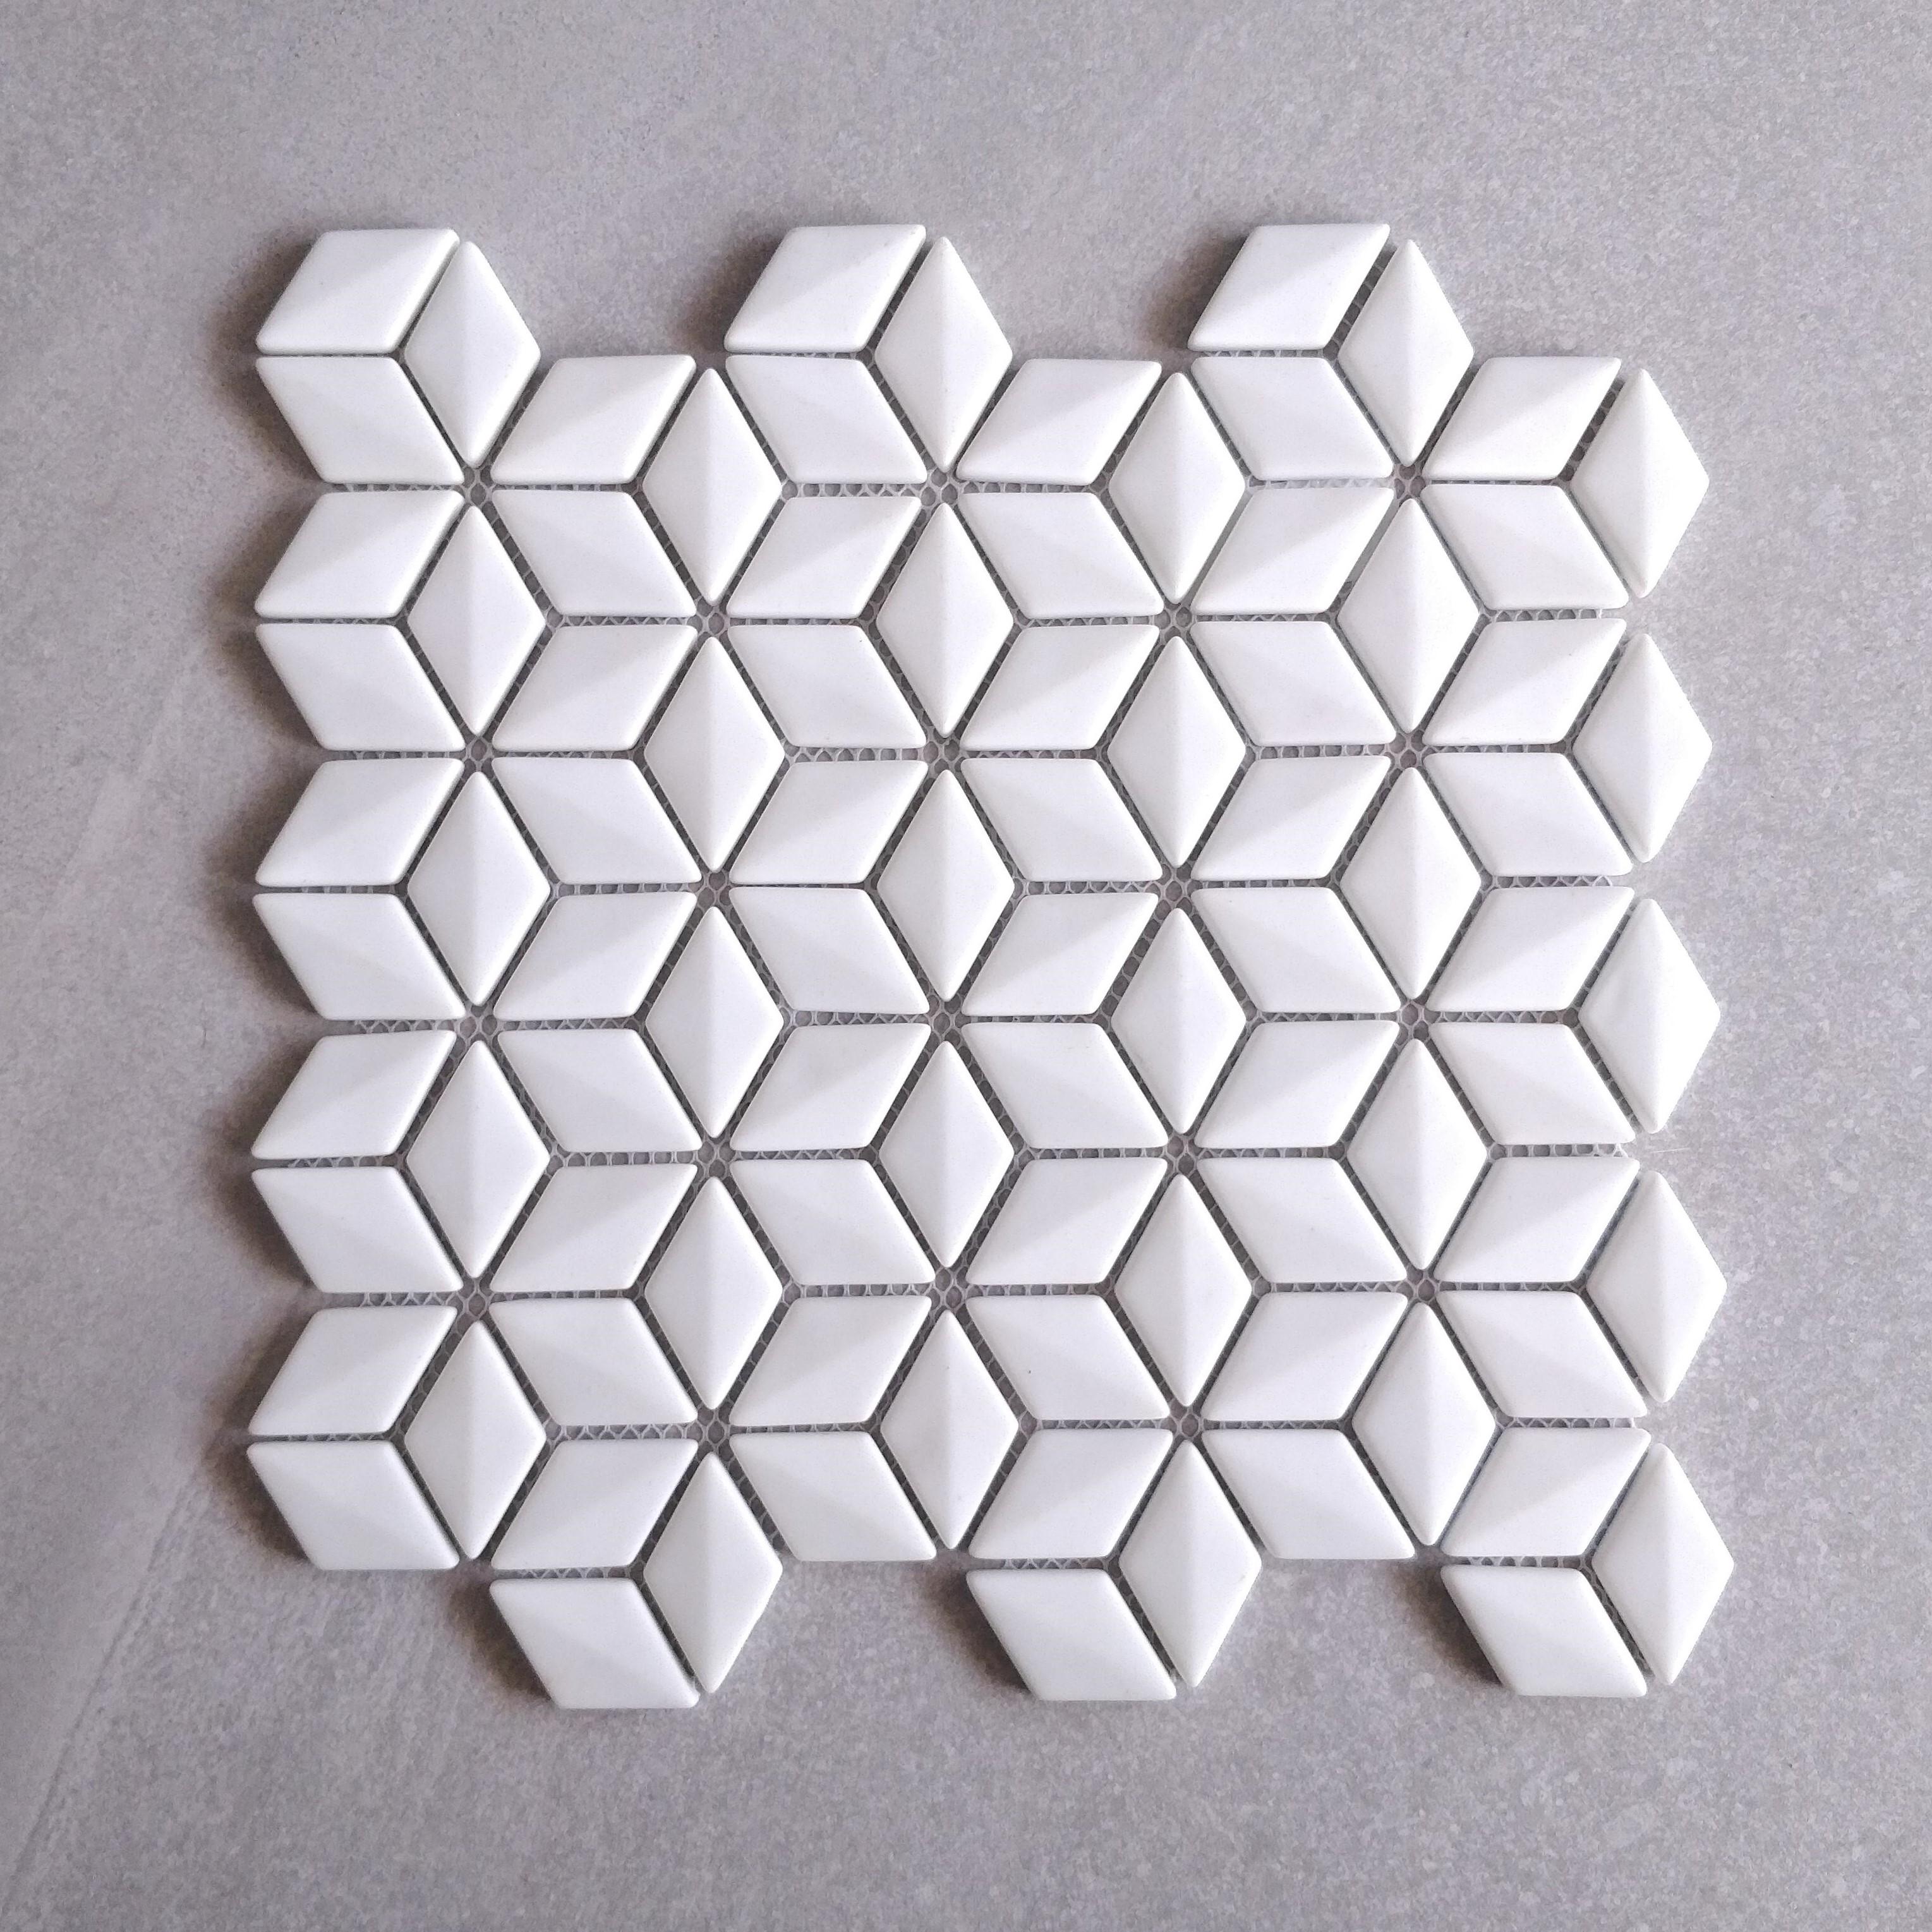 White Glass Rhombus